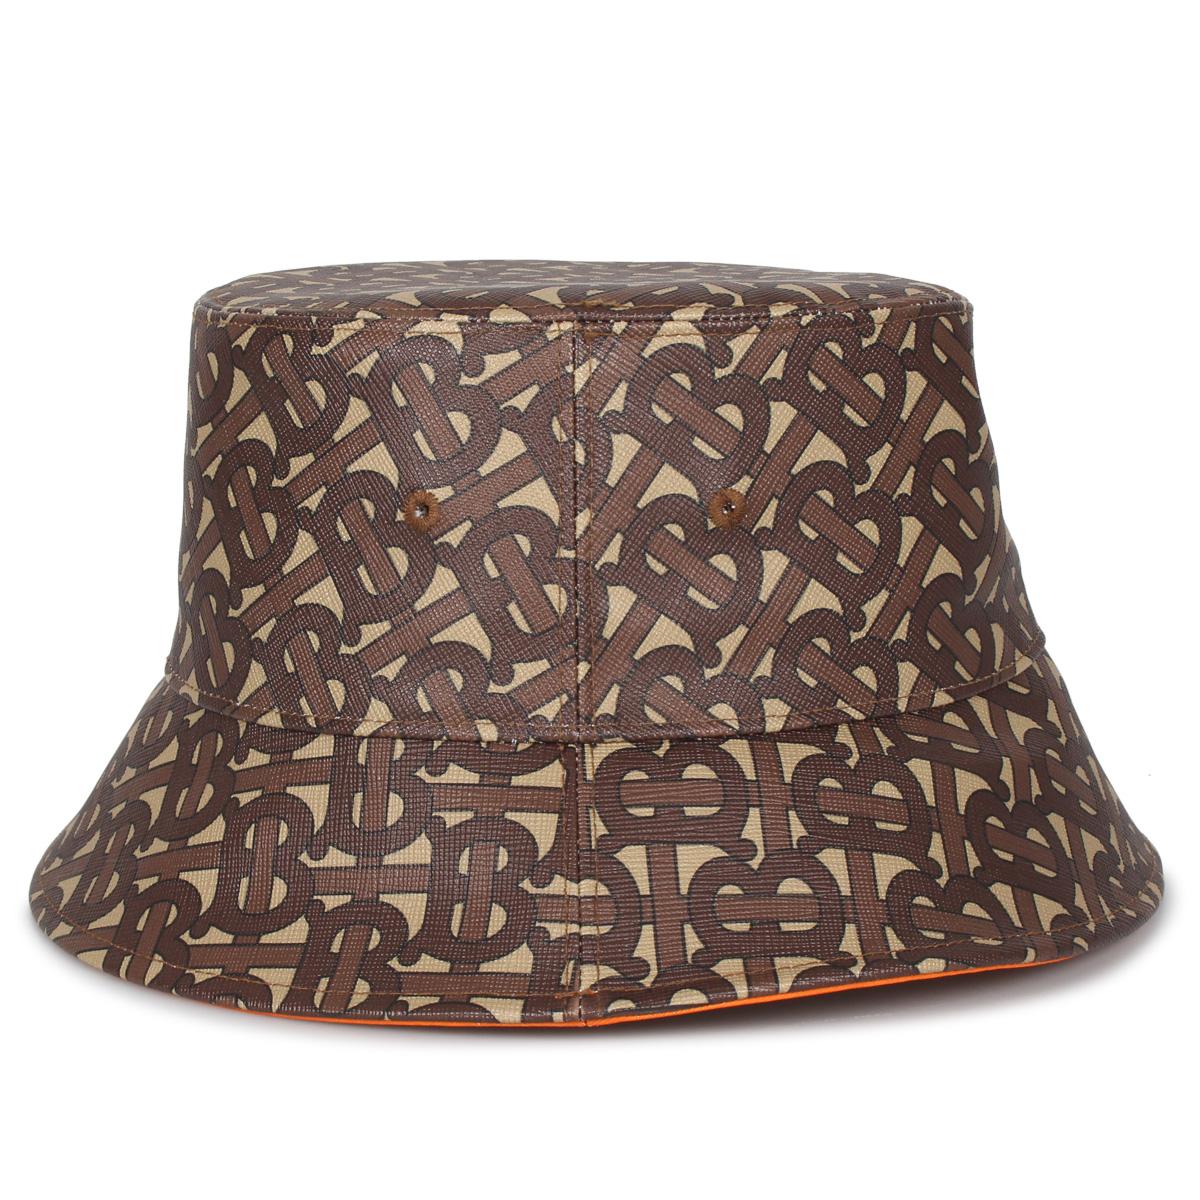 BURBERRY BUCKET HAT バーバリー ハット キャップ 帽子 バケットハット メンズ レディース ブラウン 8023808 [1/28 新入荷]